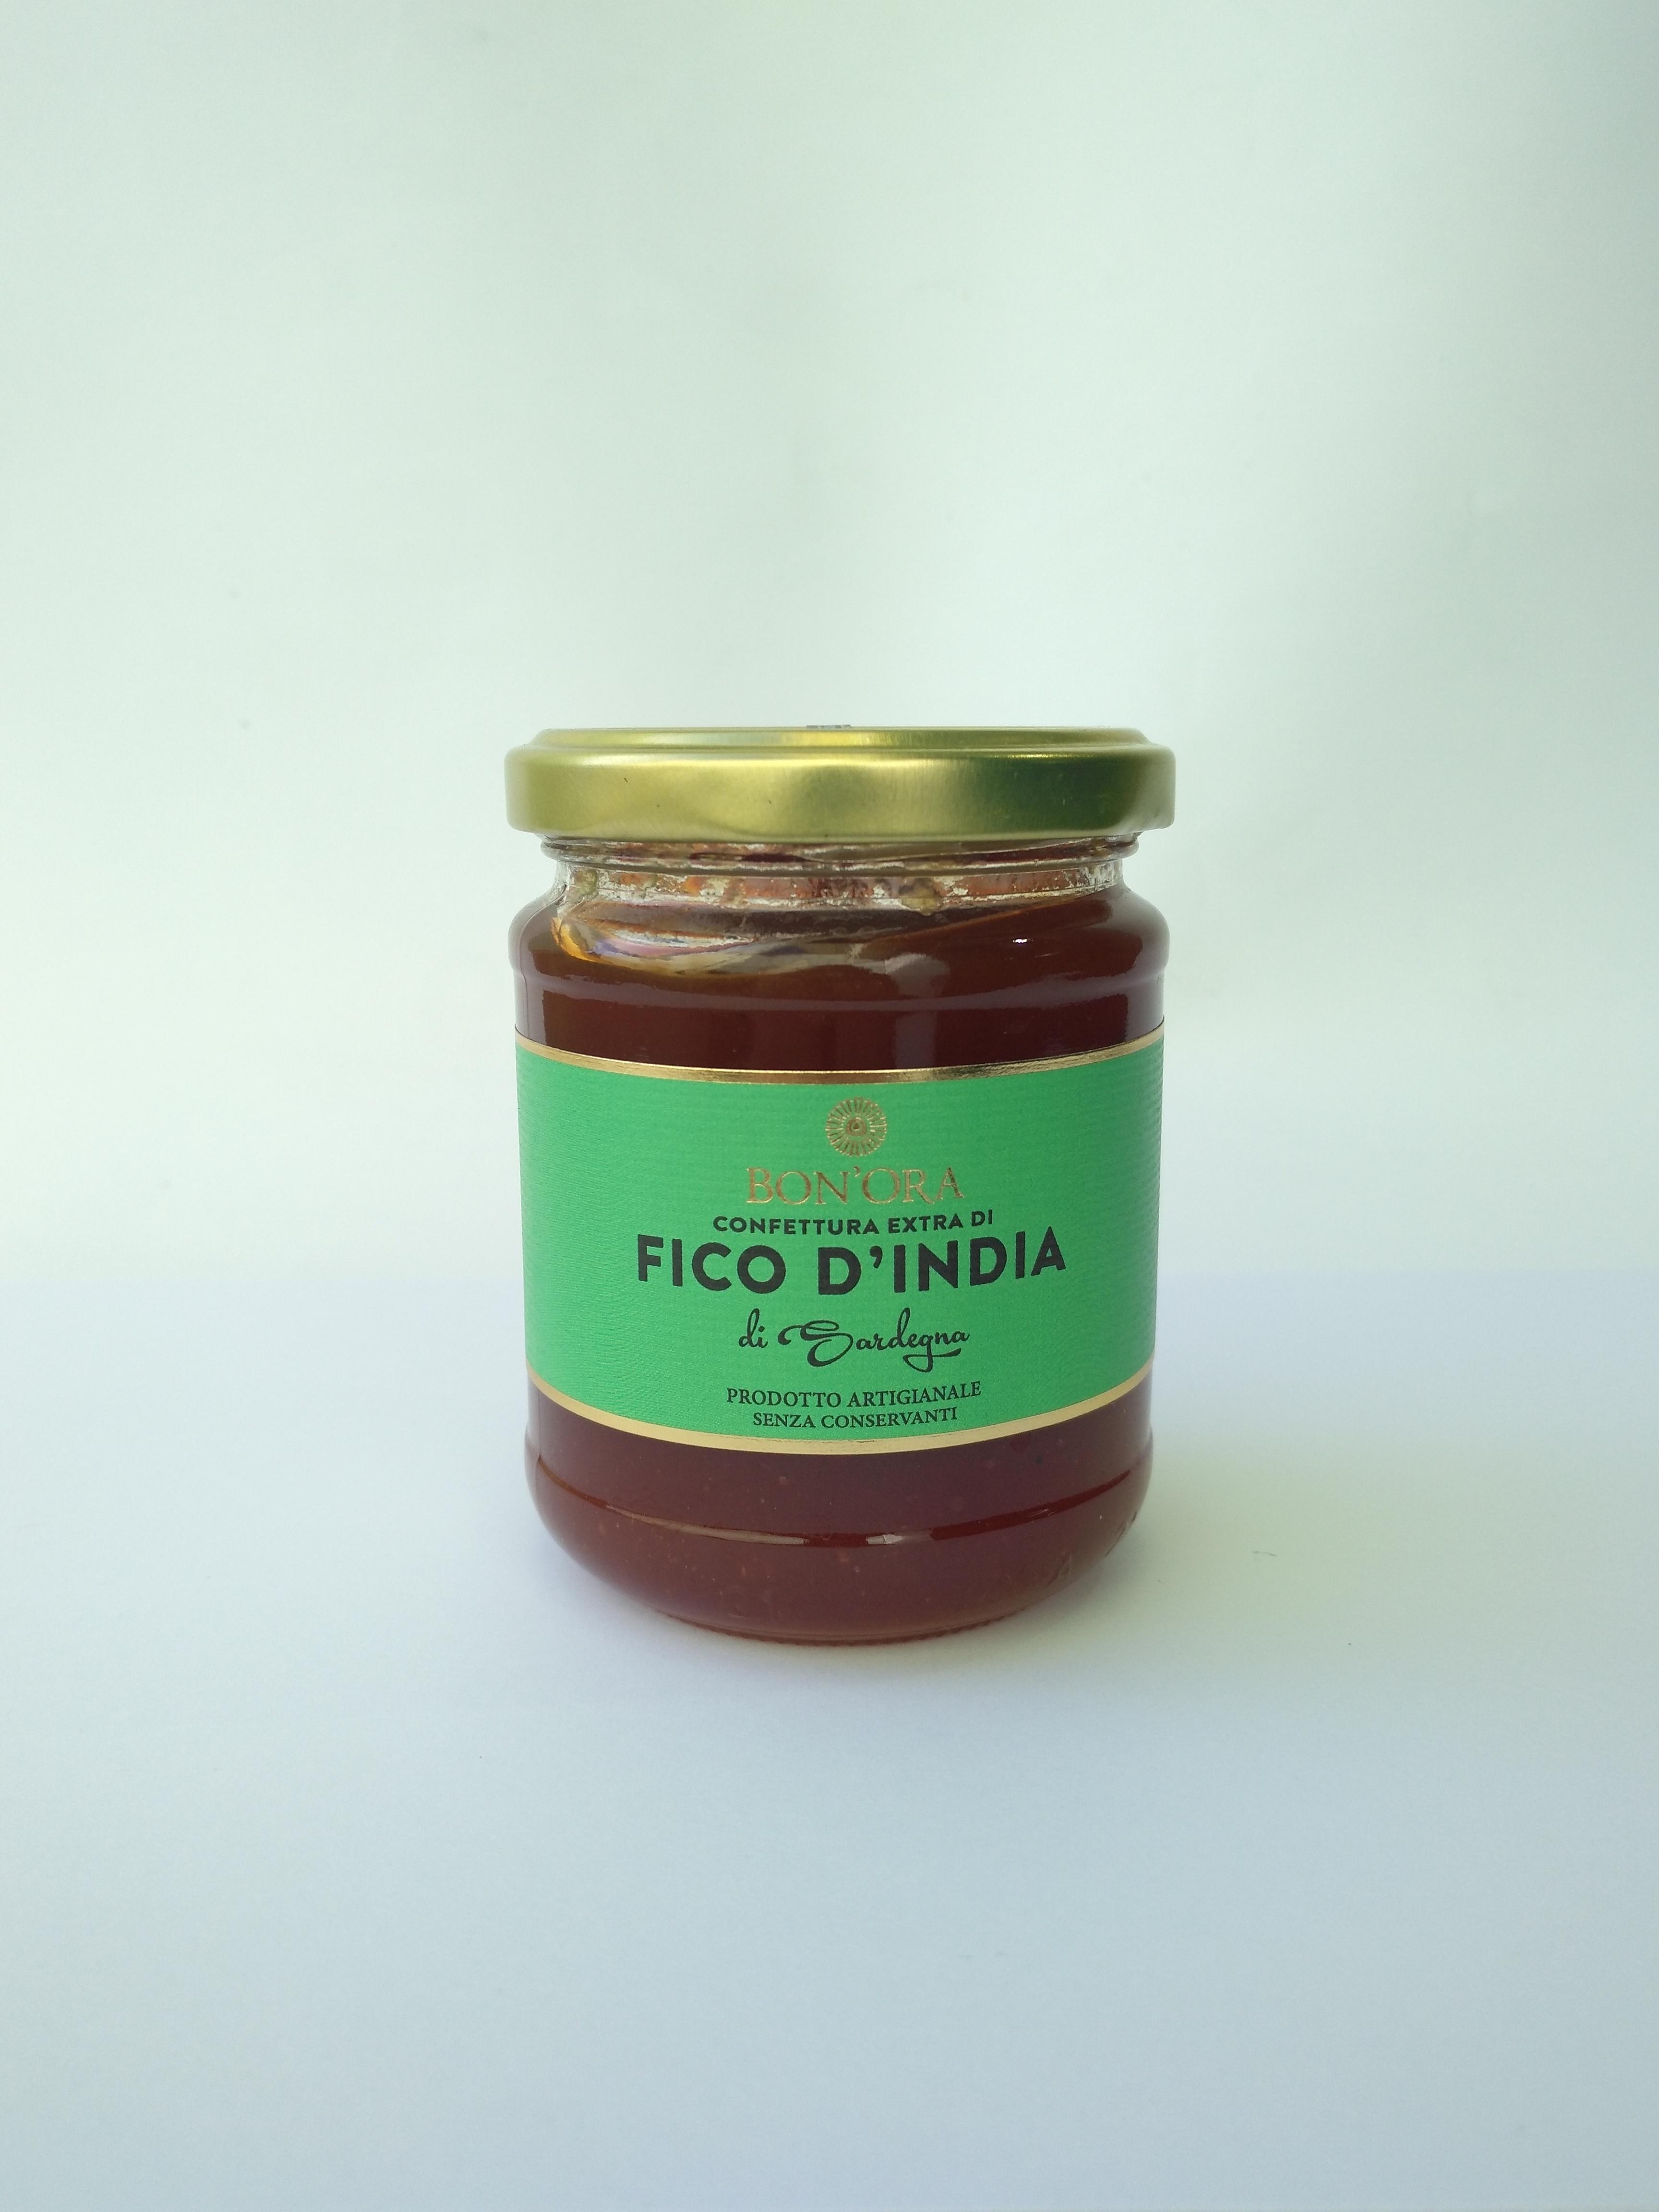 bon ora marmellata al fico d india prodotto artigianale